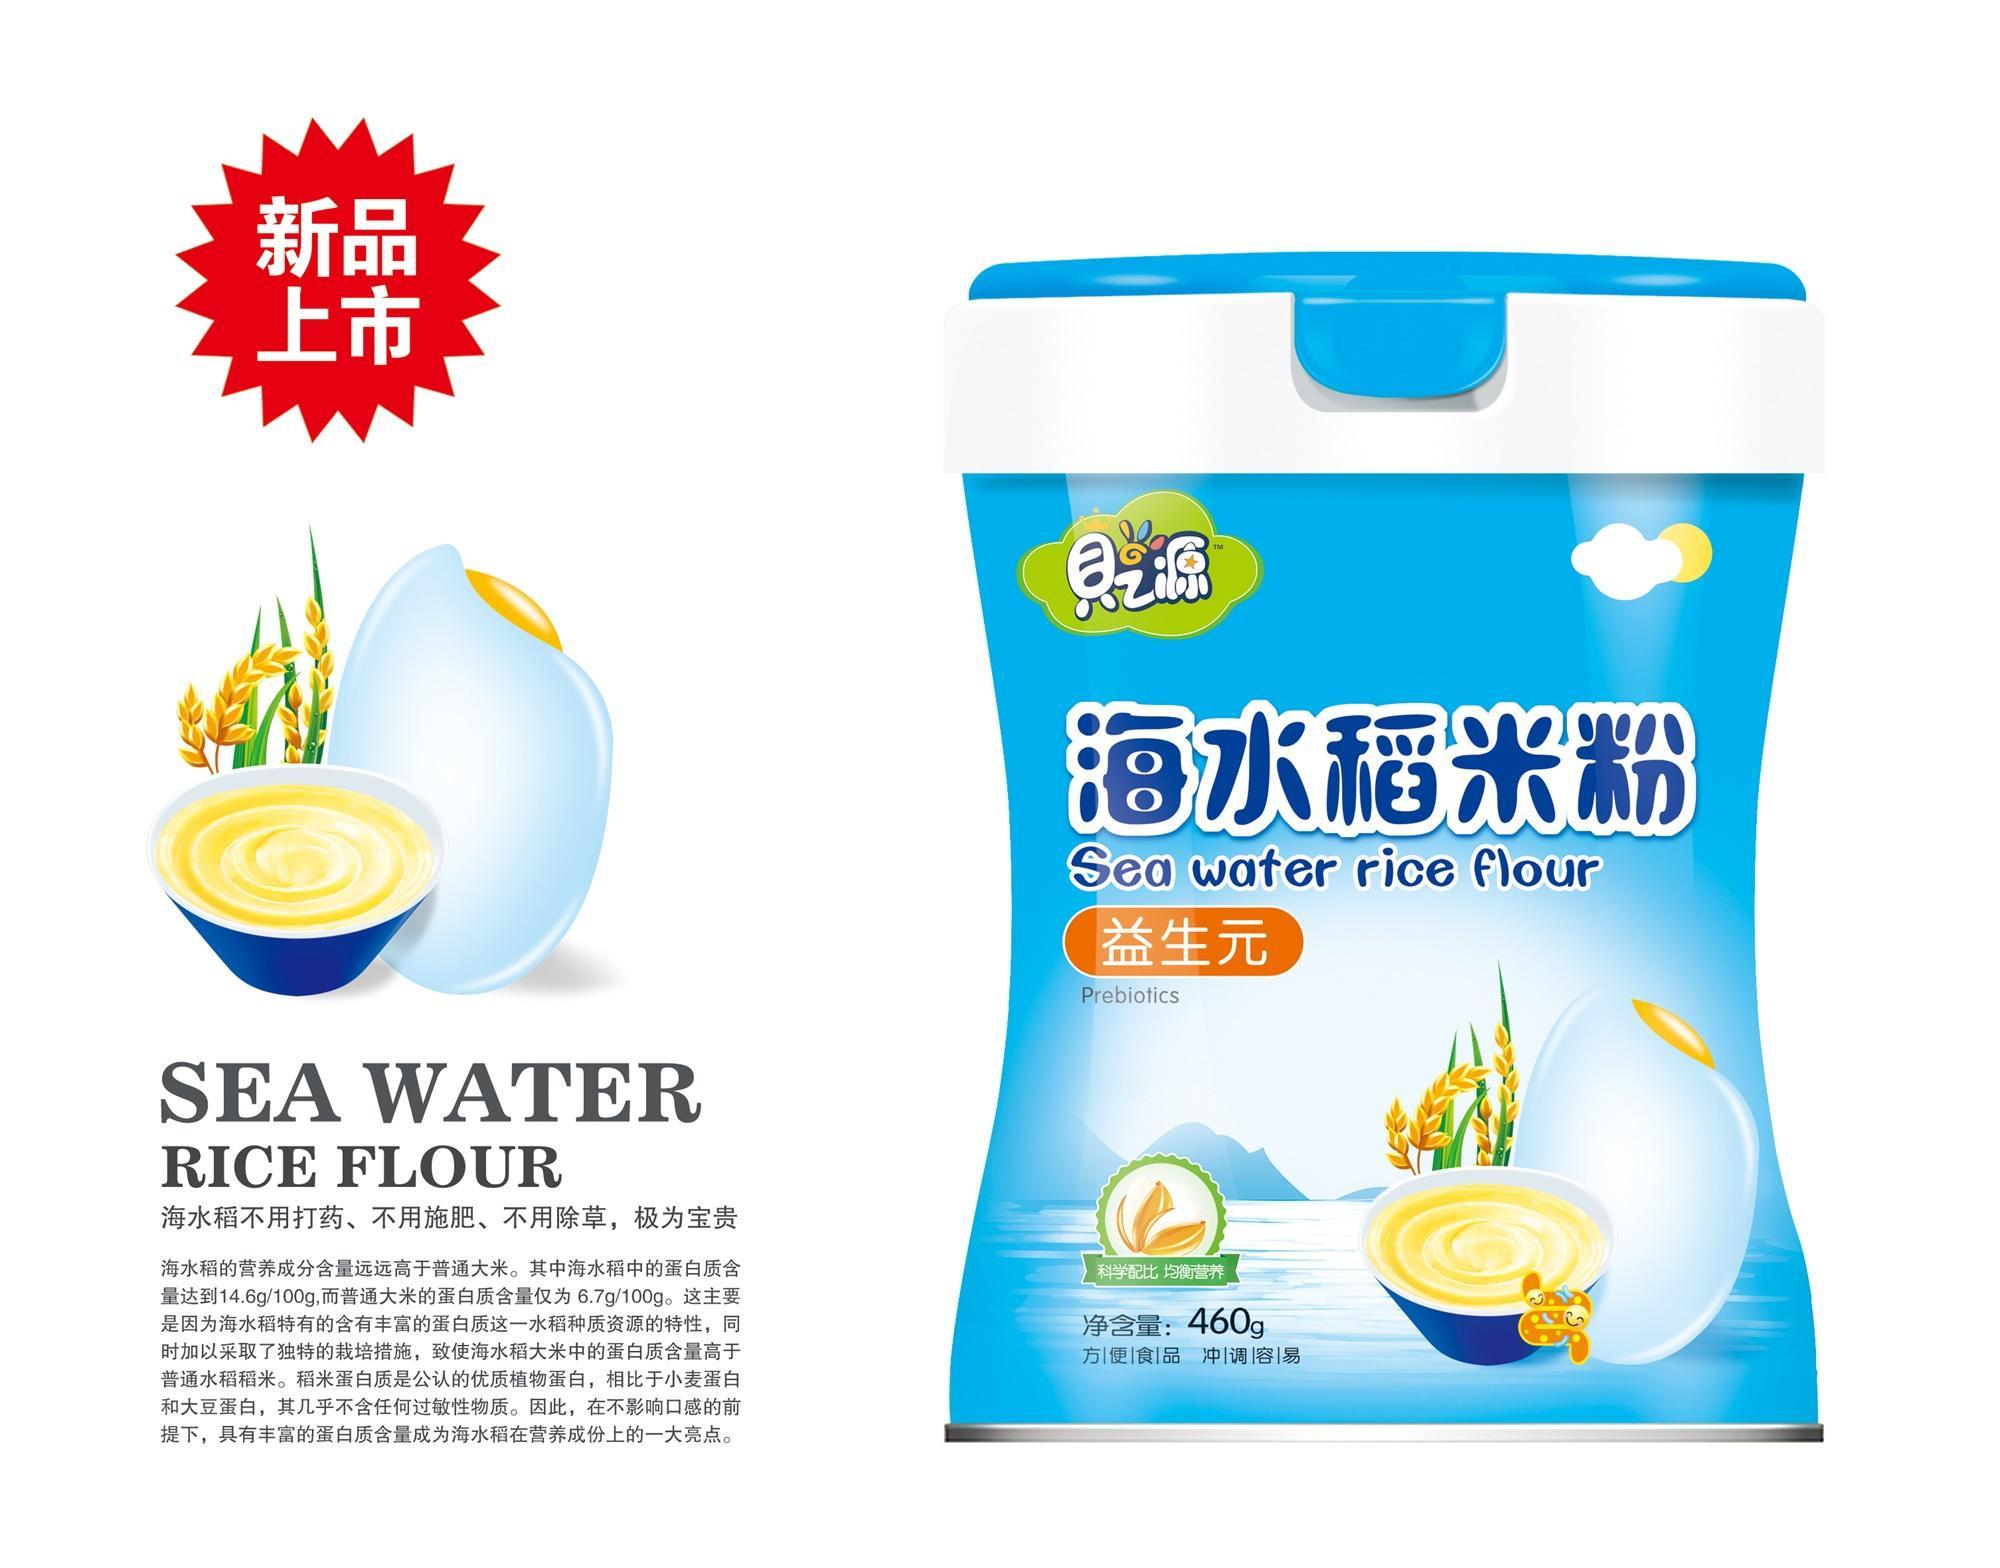 益生元海水稻米粉听装招商